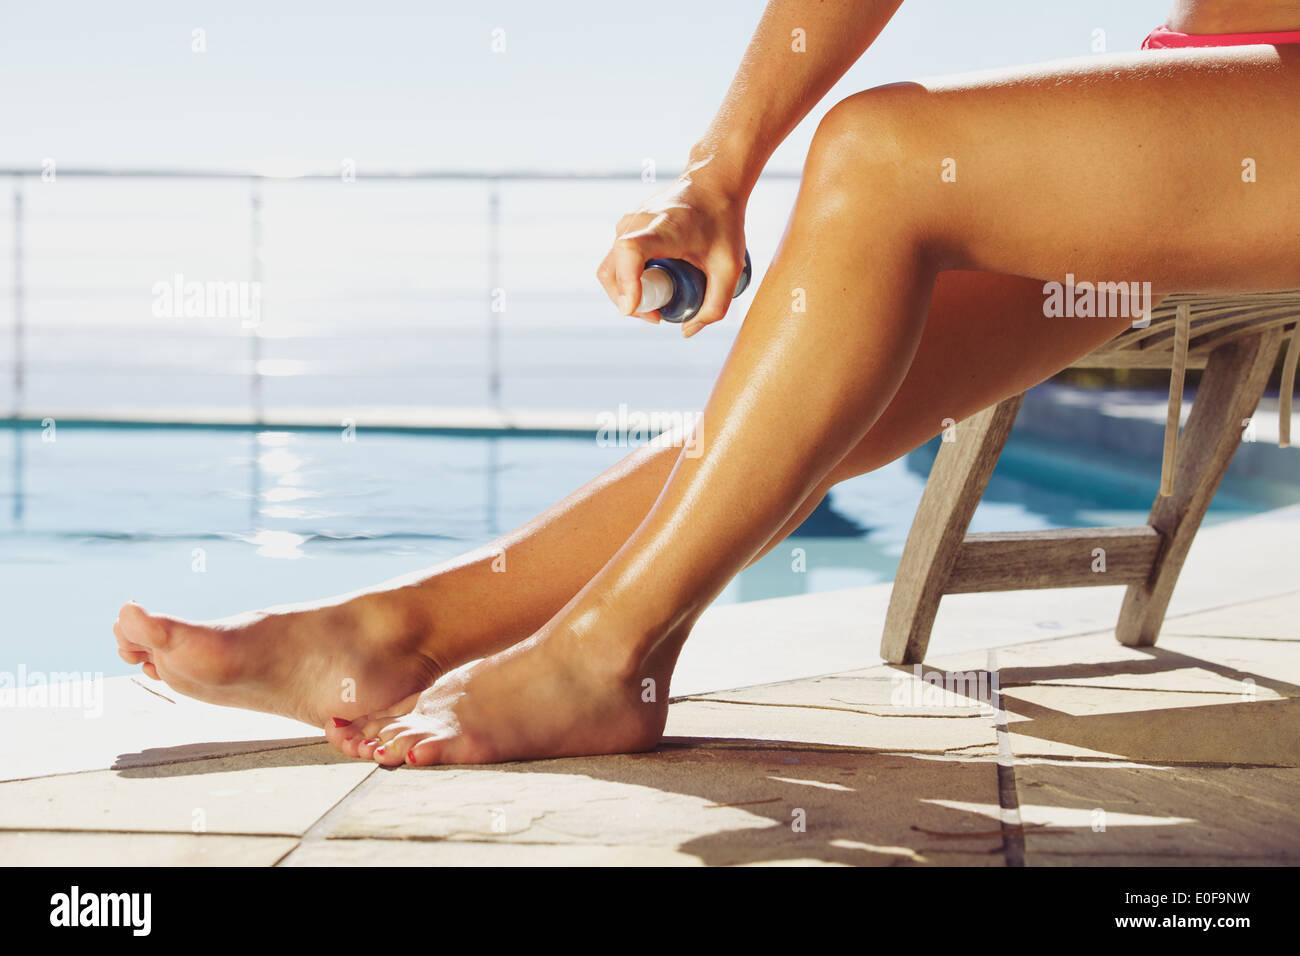 Woman applying suntan vaporiser sur ses jambes. Femme assise sur un fauteuil inclinable de la piscine au soleil. Photo Stock